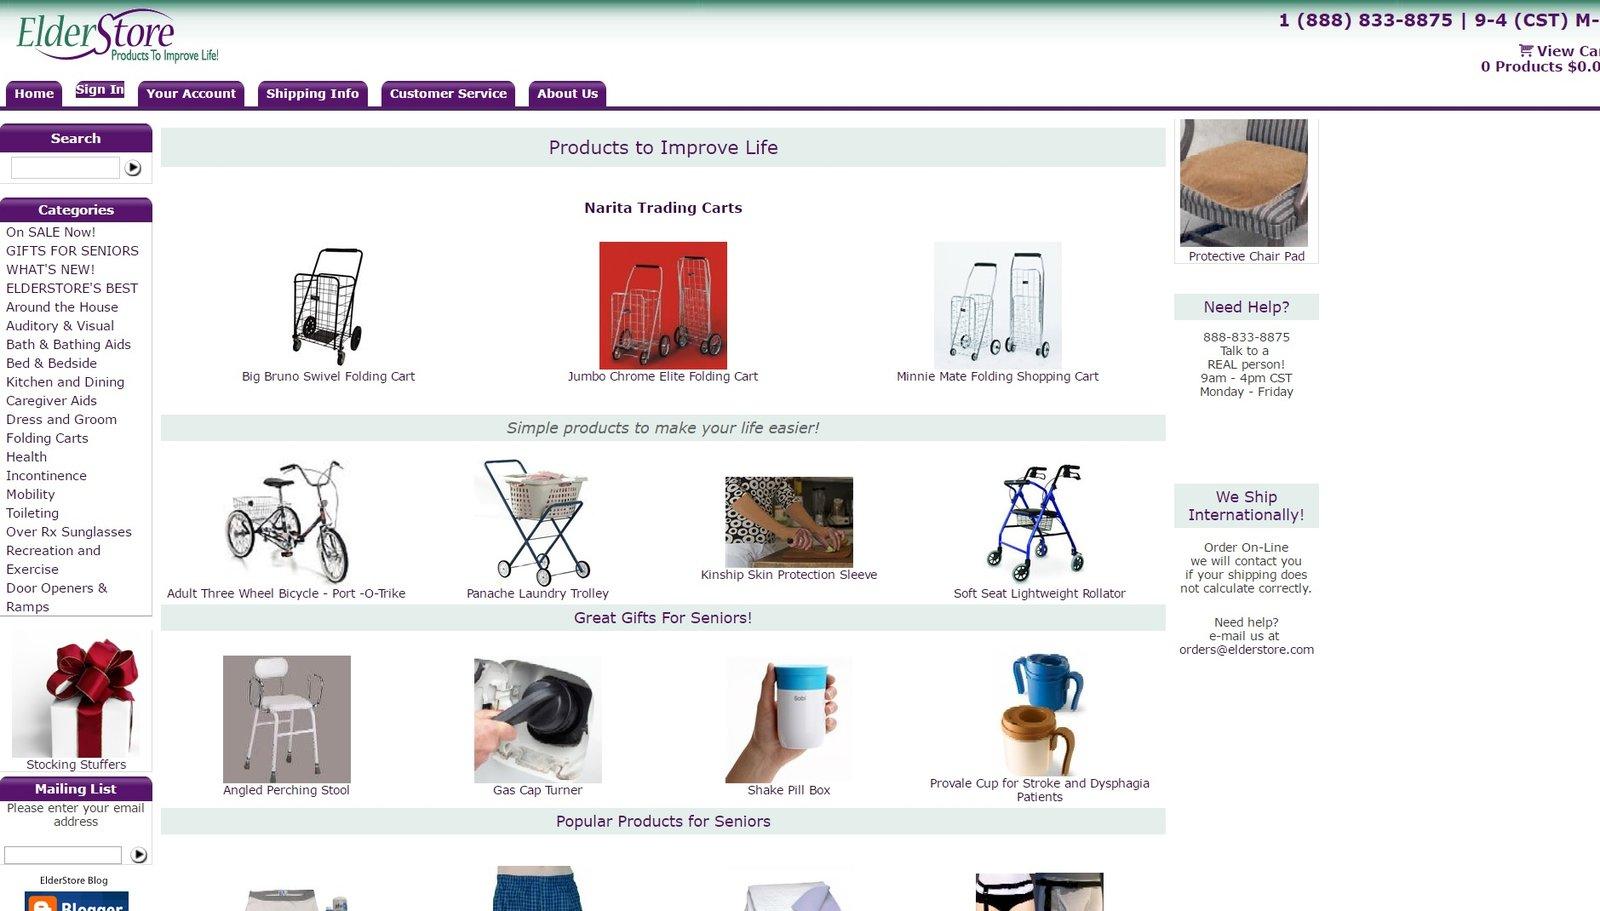 web design of ElderStore